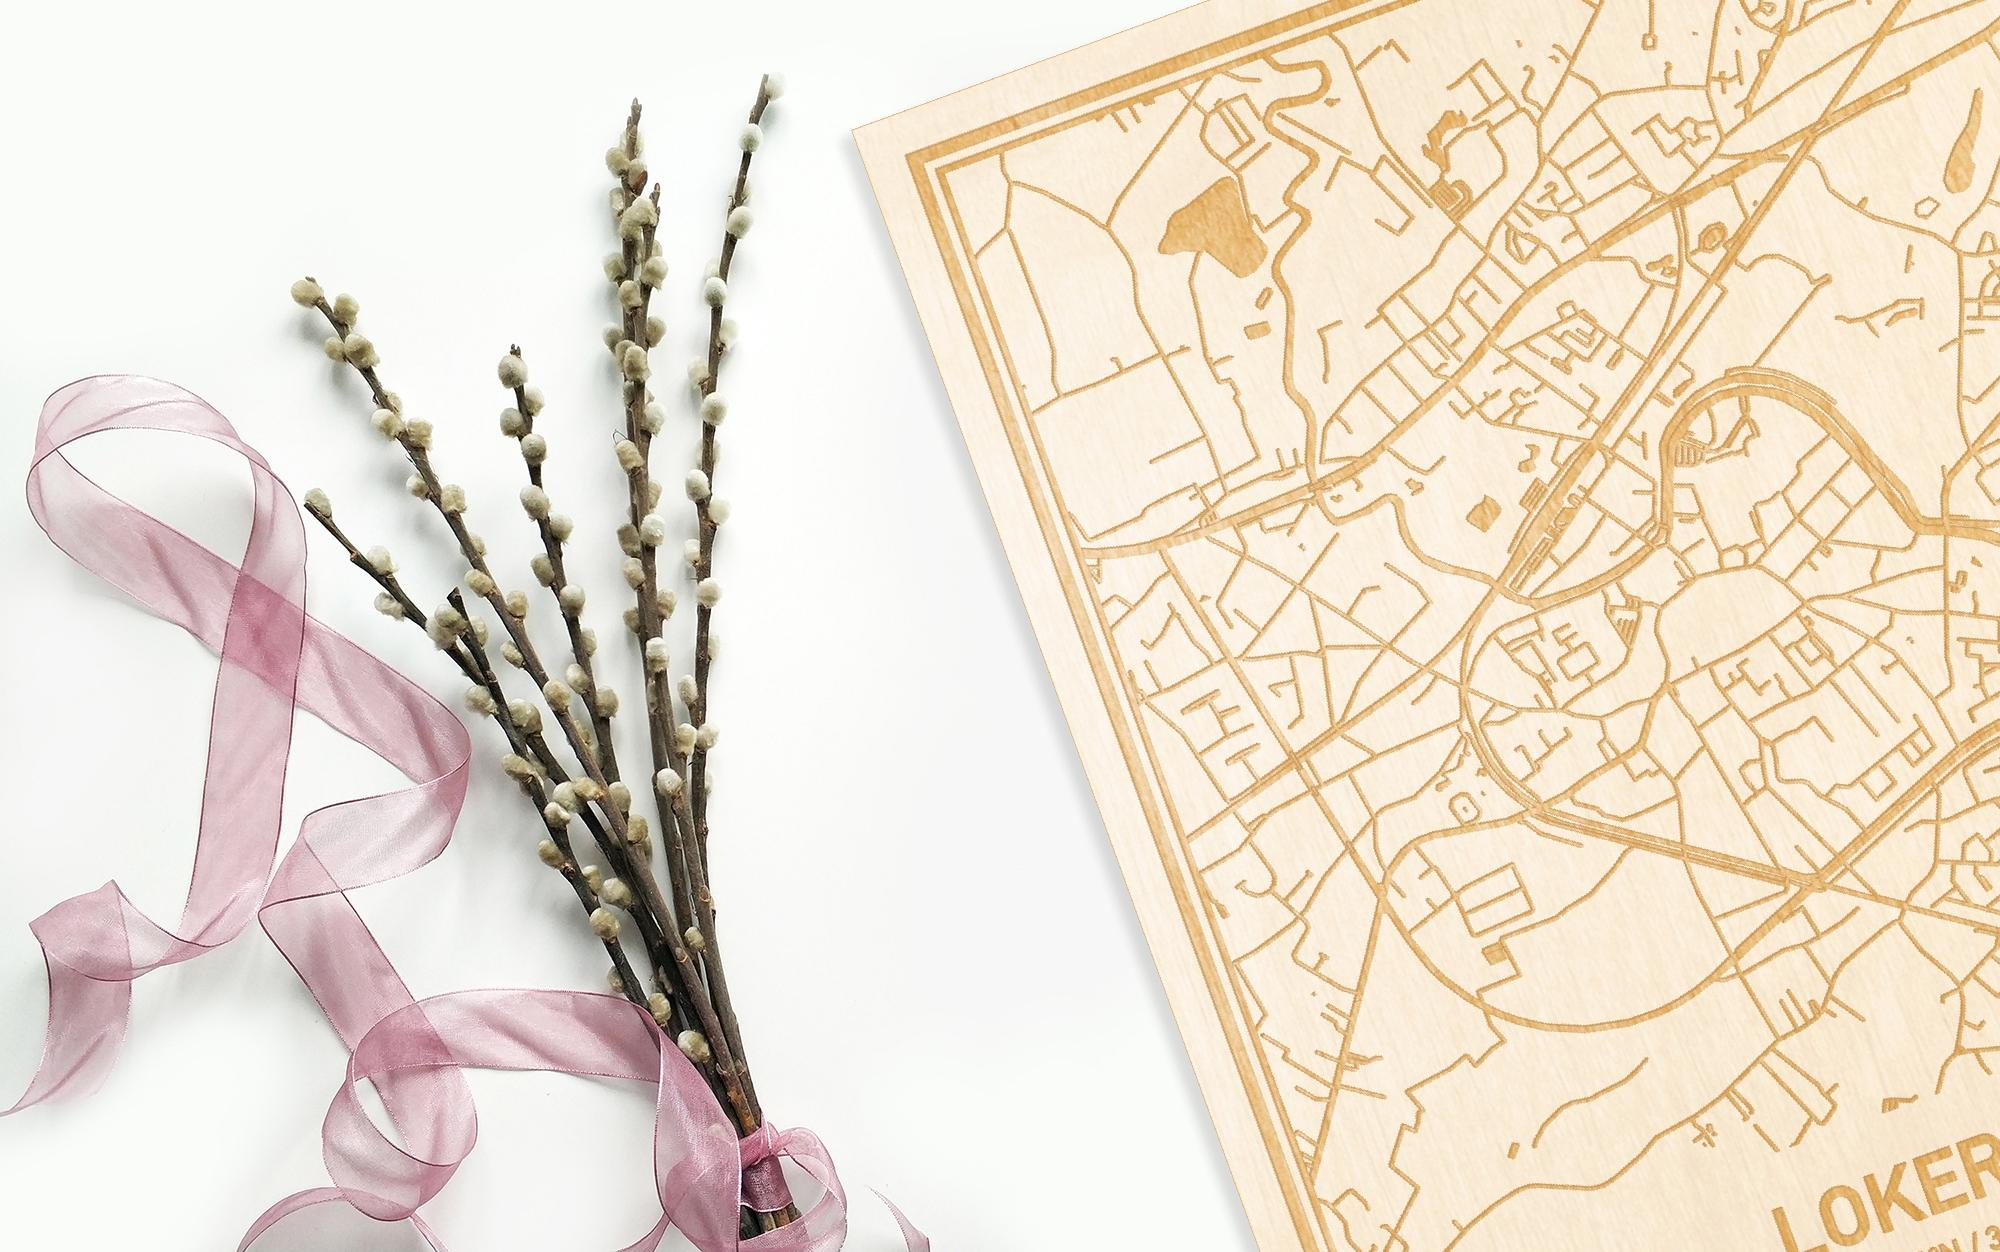 Hier ligt de houten plattegrond Lokeren naast een bloemetje als gepersonaliseerd cadeau voor haar.